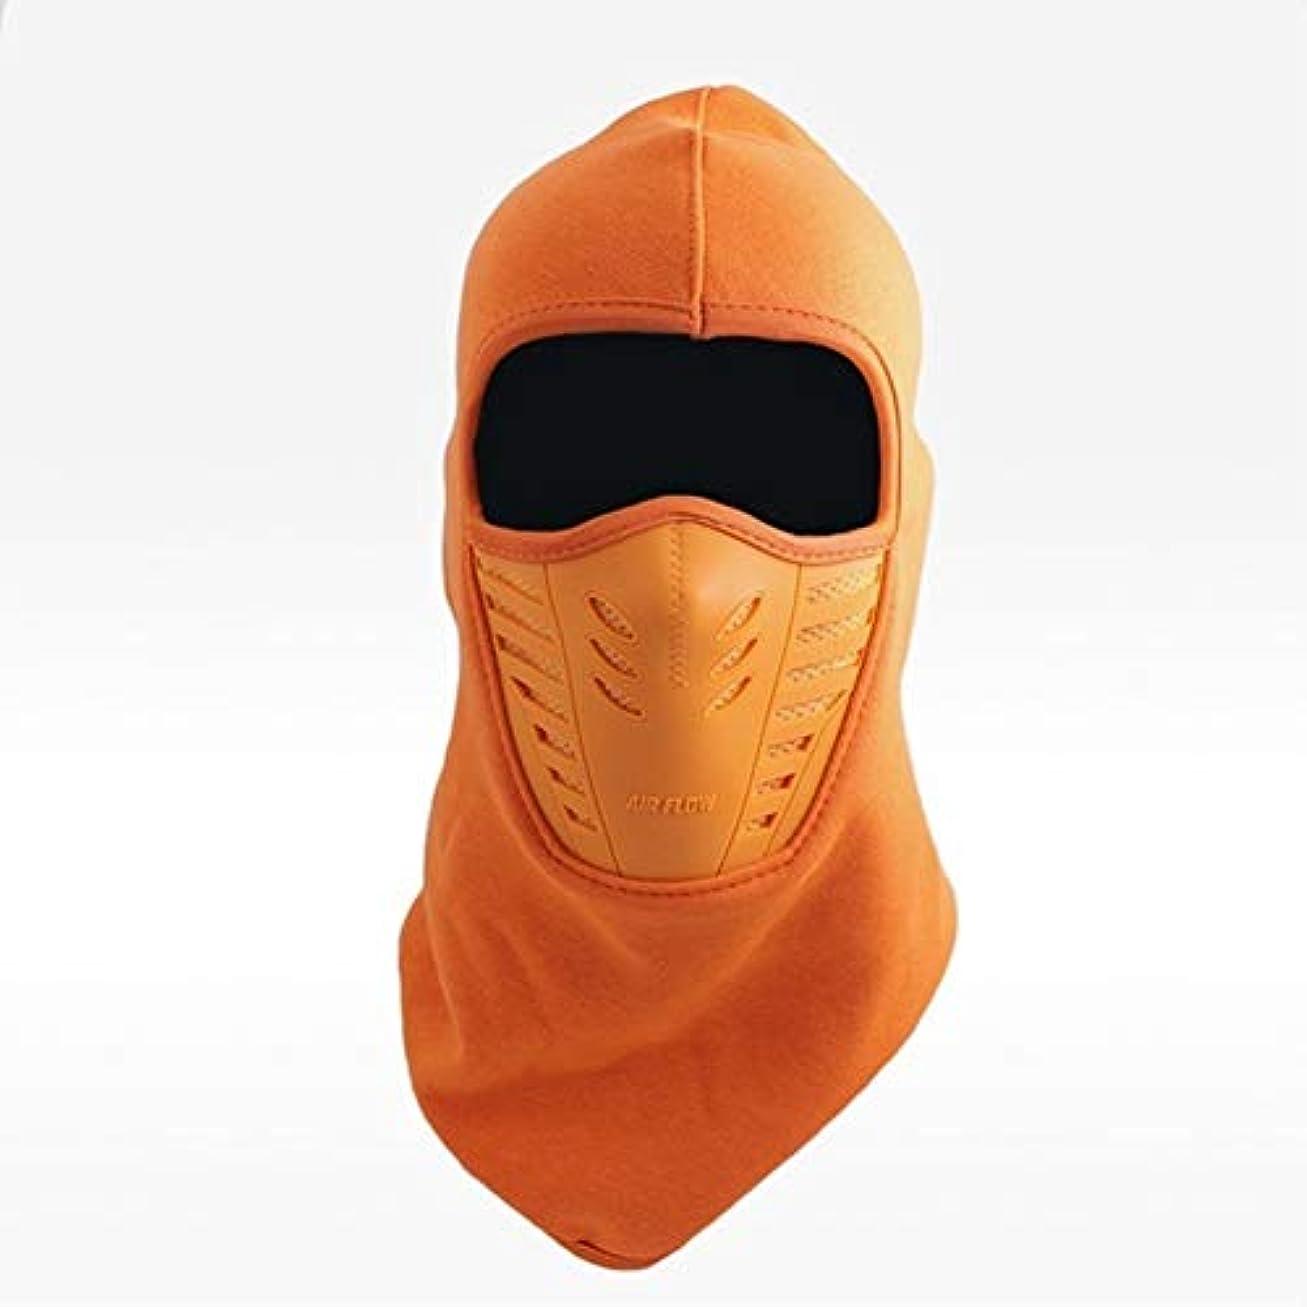 ピック嫌悪メロディアスACHICOO フェイスマスク 自転車 熱 冬暖かい 防風 防寒 帽子 風防 オートバイ ハットネック ヘルメットビーンズ